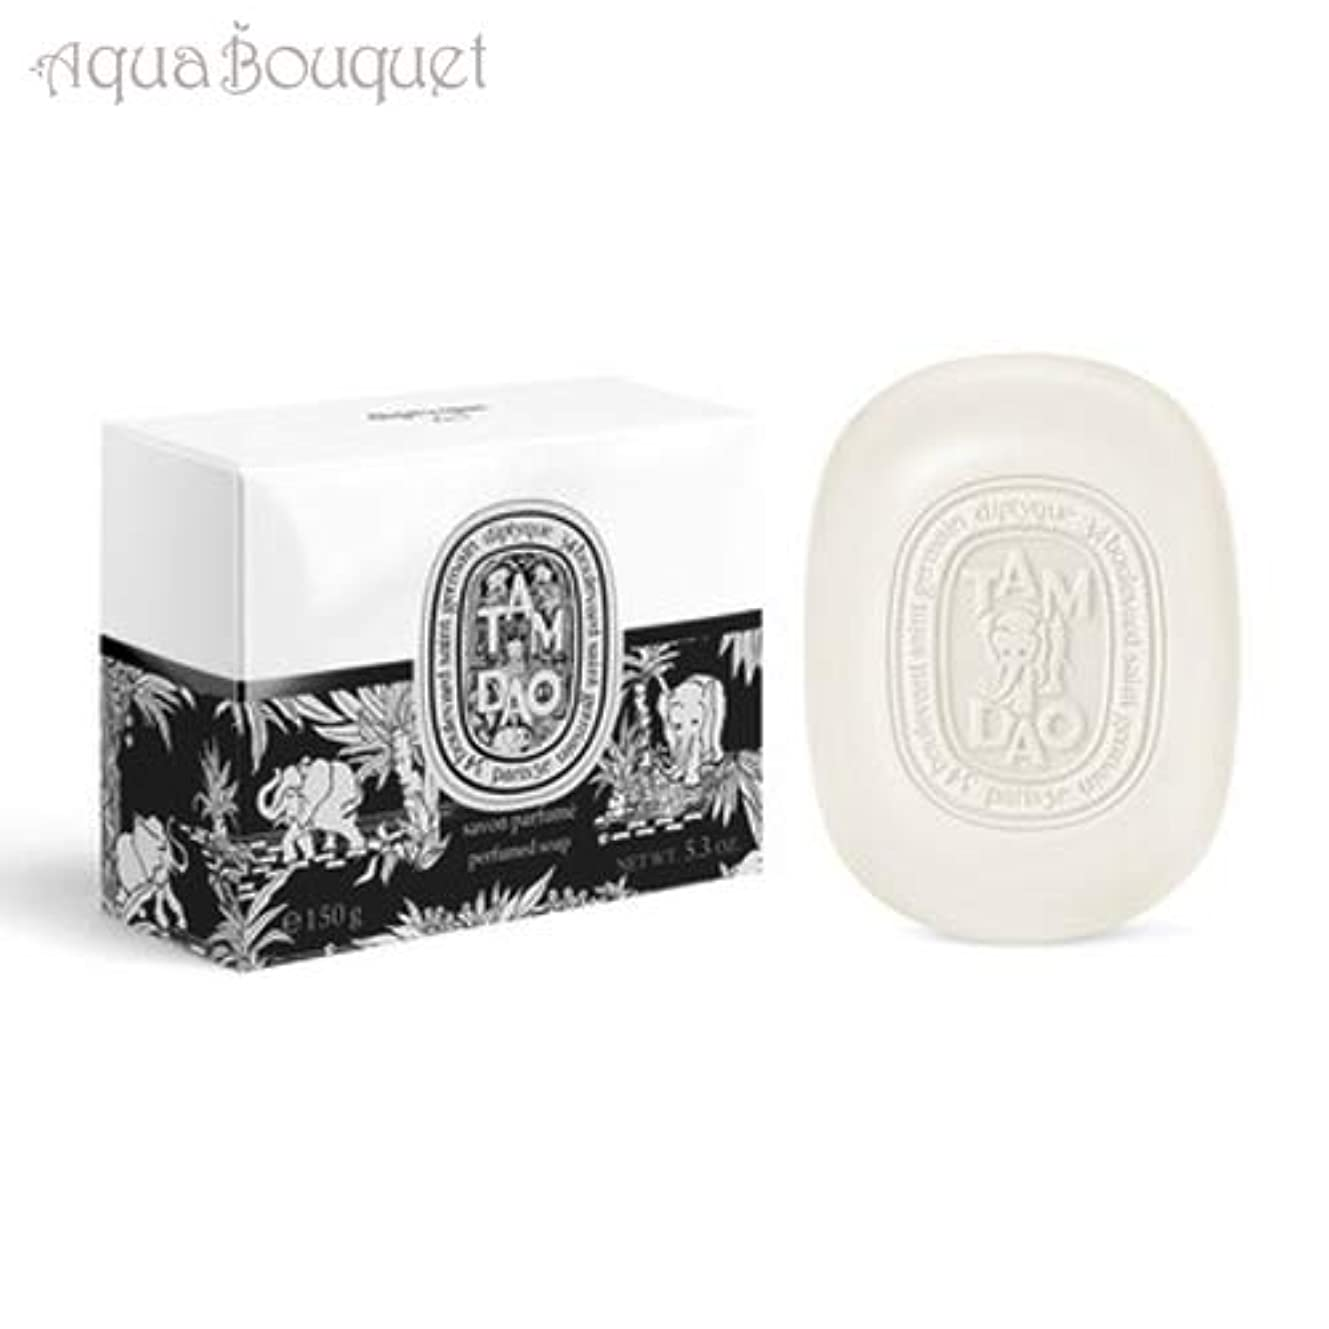 鉄メイエラ起点ディプティック タムダオ ソープ 150g DIPTYQUE TAMDAO PERFUMED SOAP [8289] [並行輸入品]